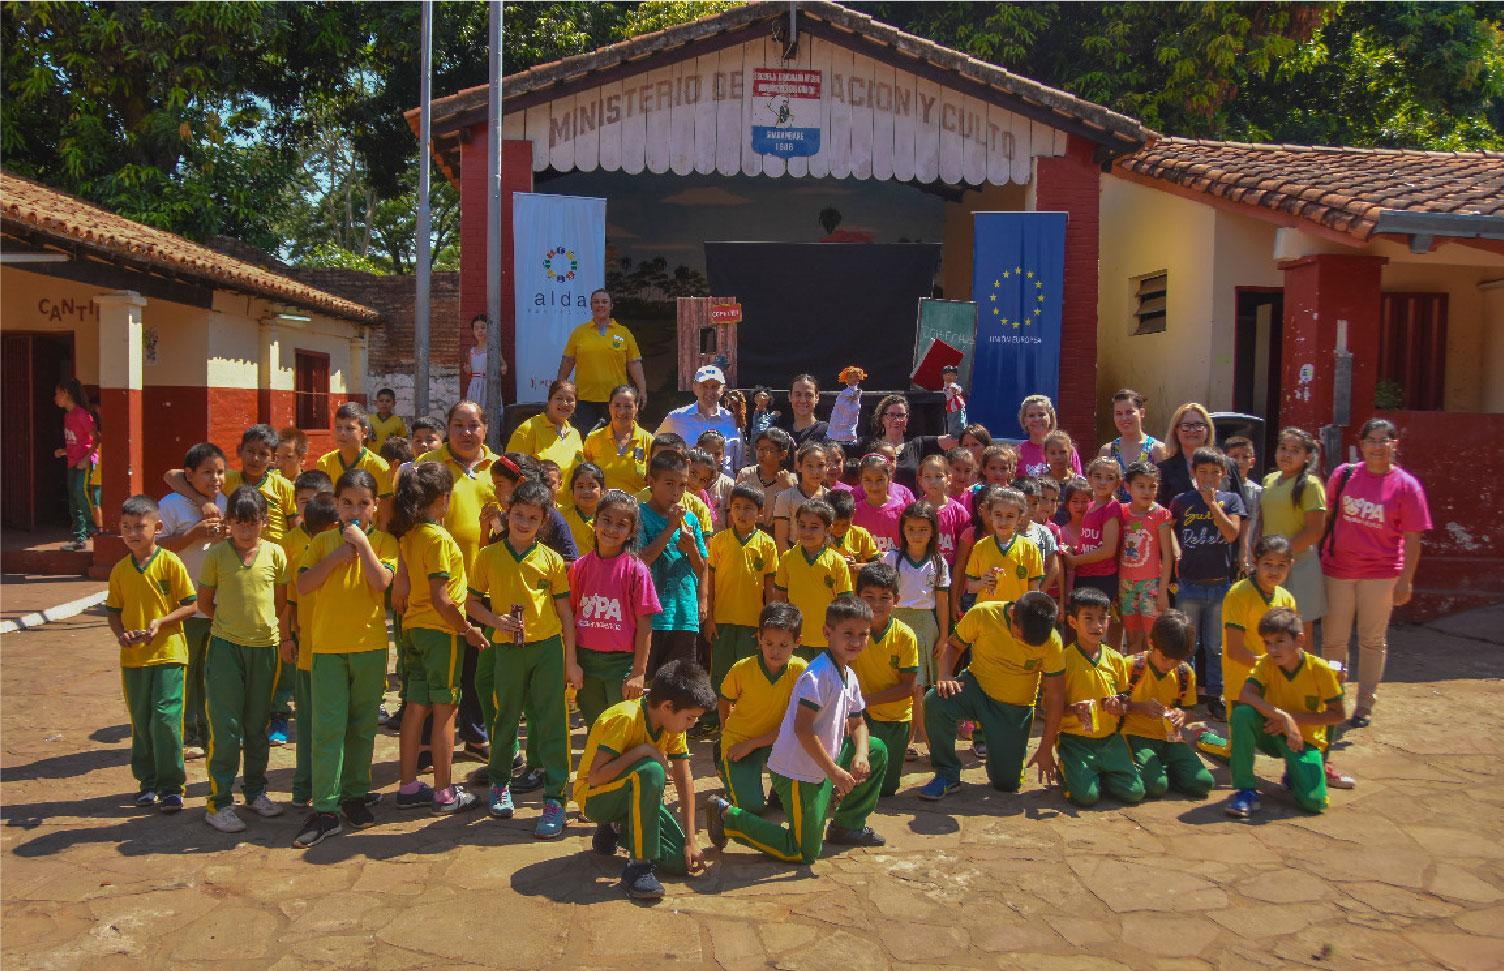 Show de títeres para la promoción de los derechos de la infancia